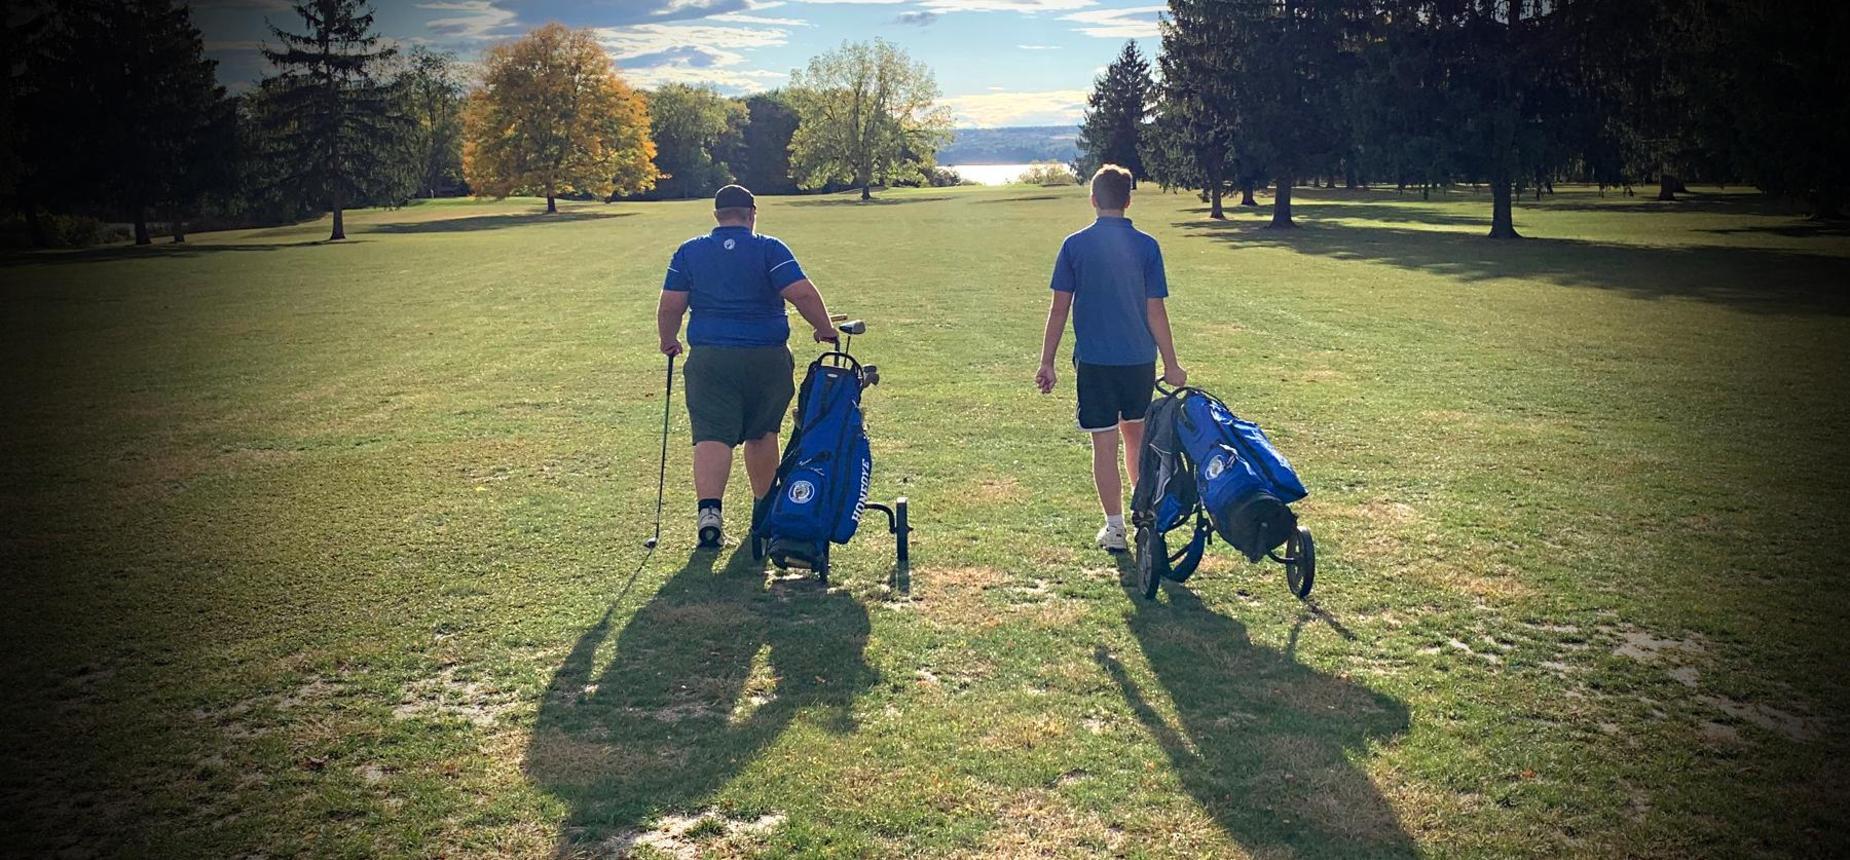 Honeoye golfers walking the field